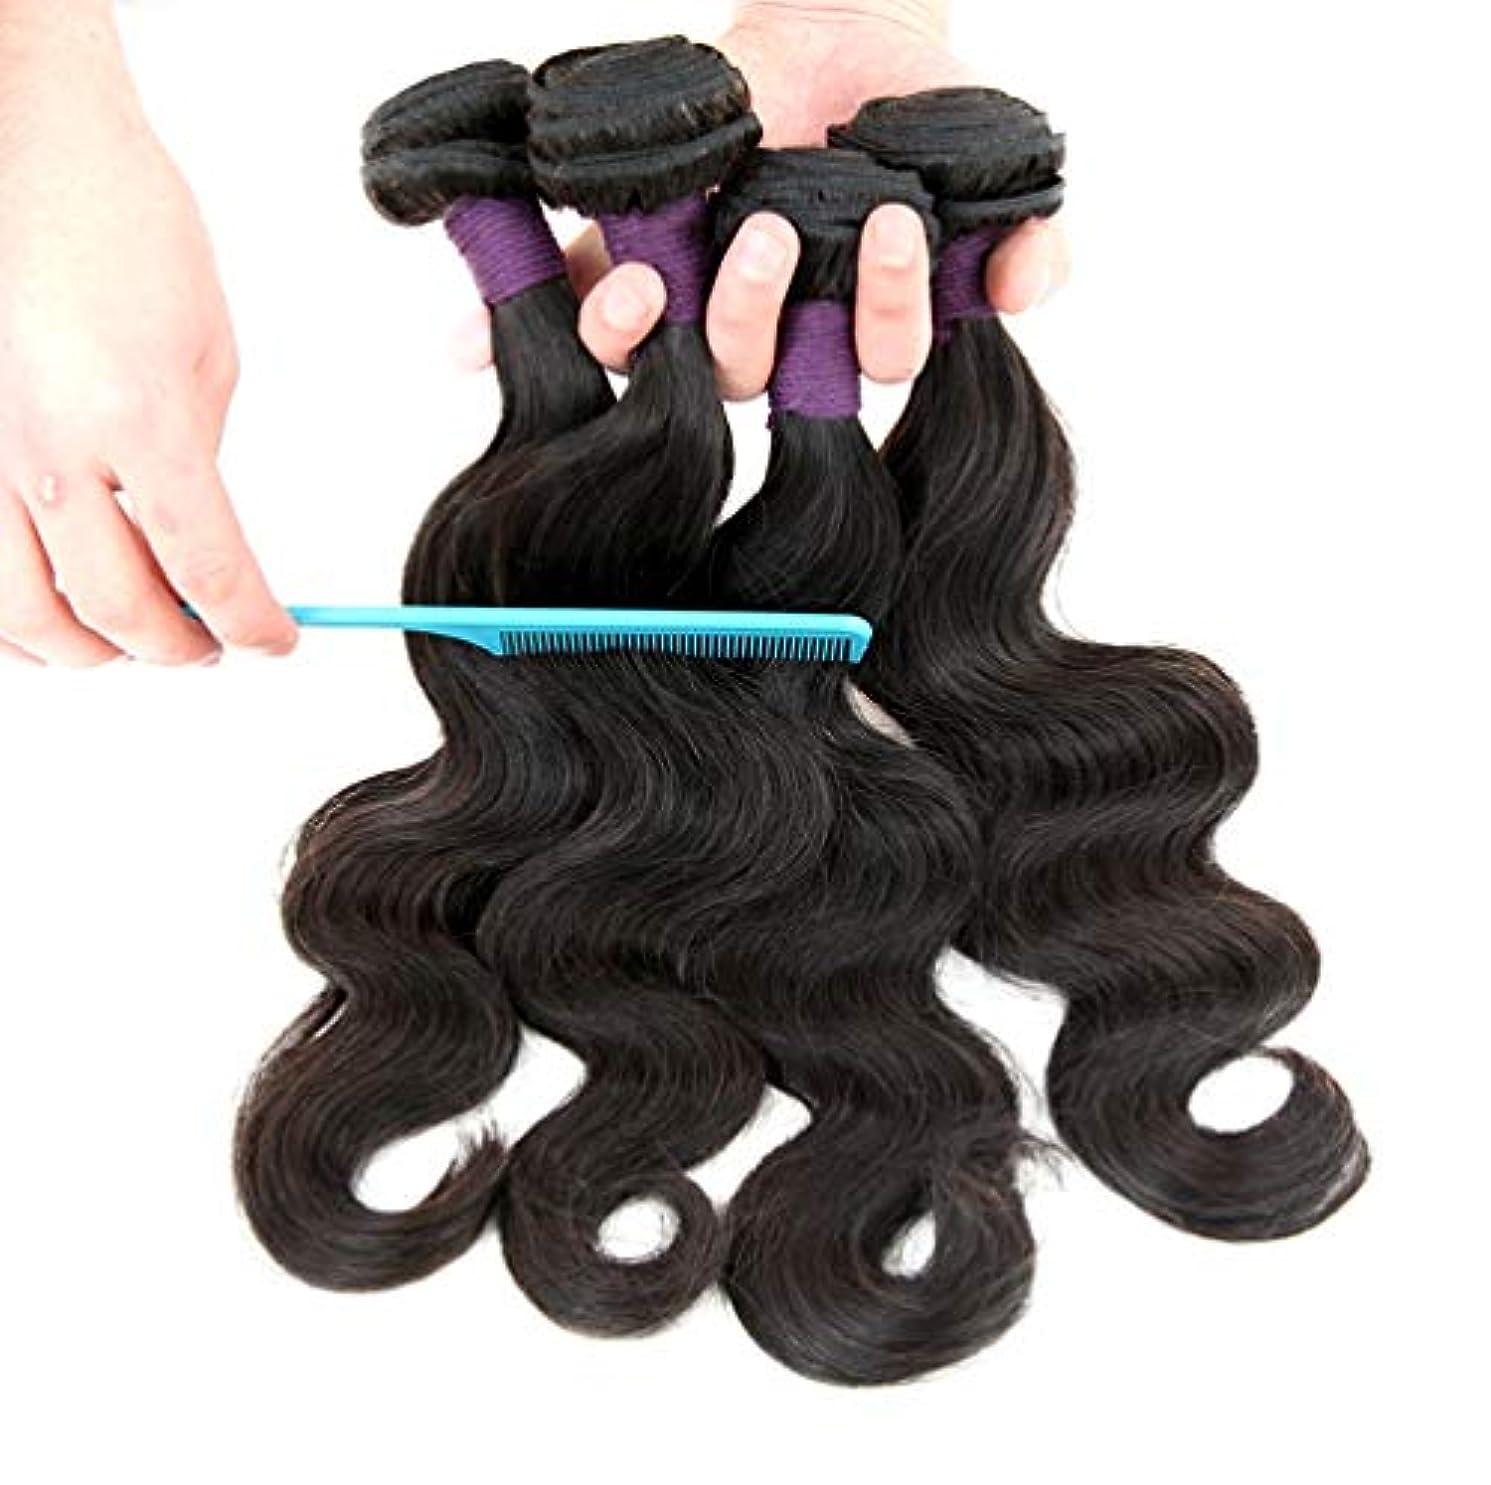 明らかにする付属品故障女性の髪織りブラジルの髪の束体波バージン髪織り赤ちゃんの髪の自由な部分自然色(3バンドル)